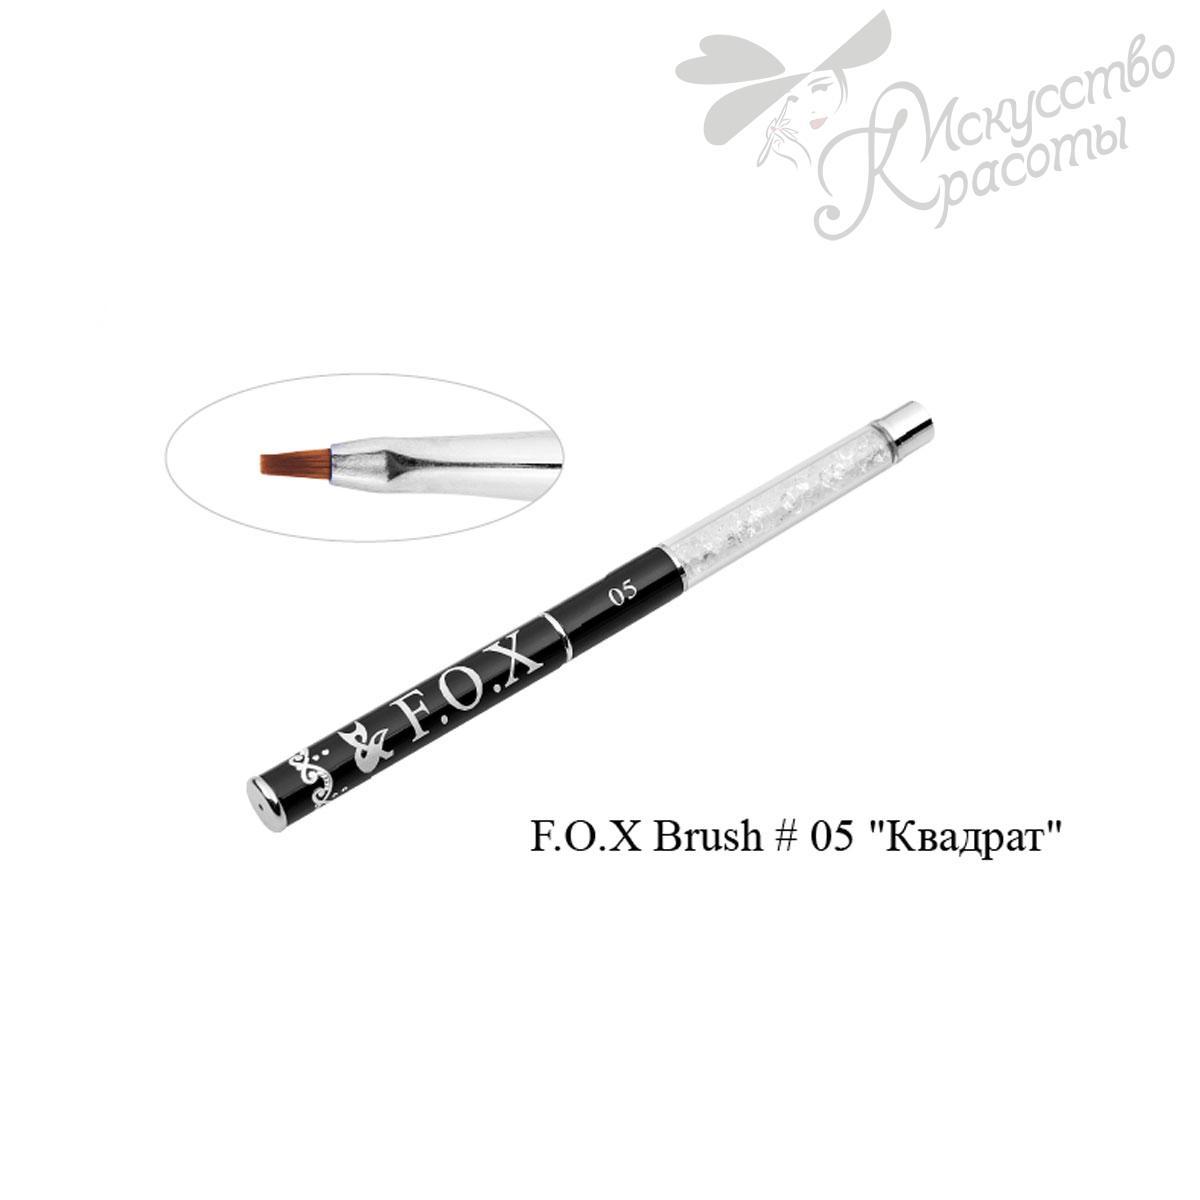 Кисть для дизайна 05 FOX